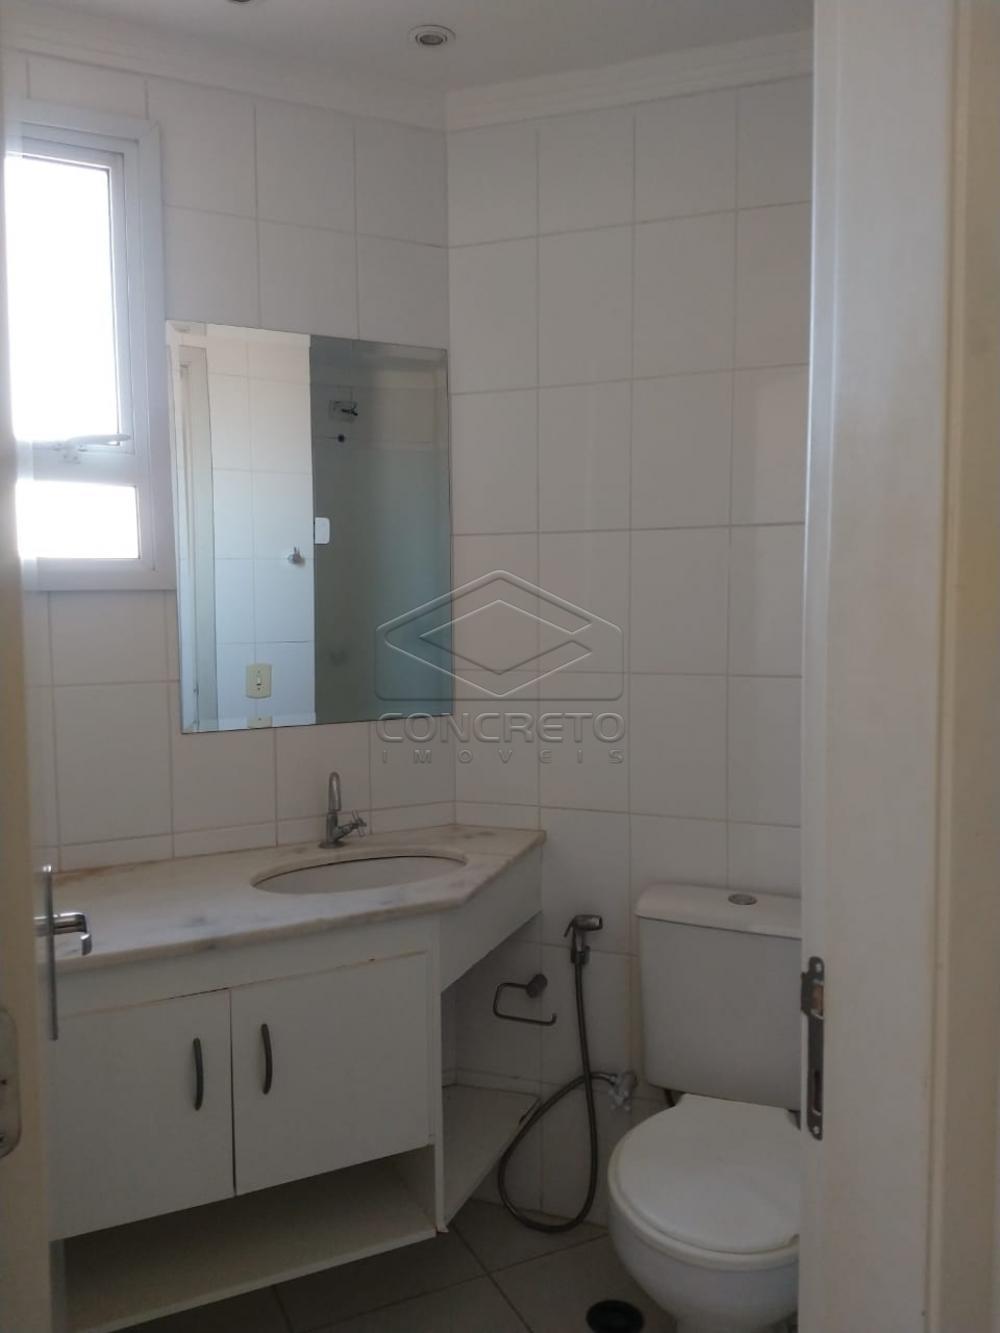 Comprar Apartamento / Padrão em Bauru R$ 340.000,00 - Foto 13